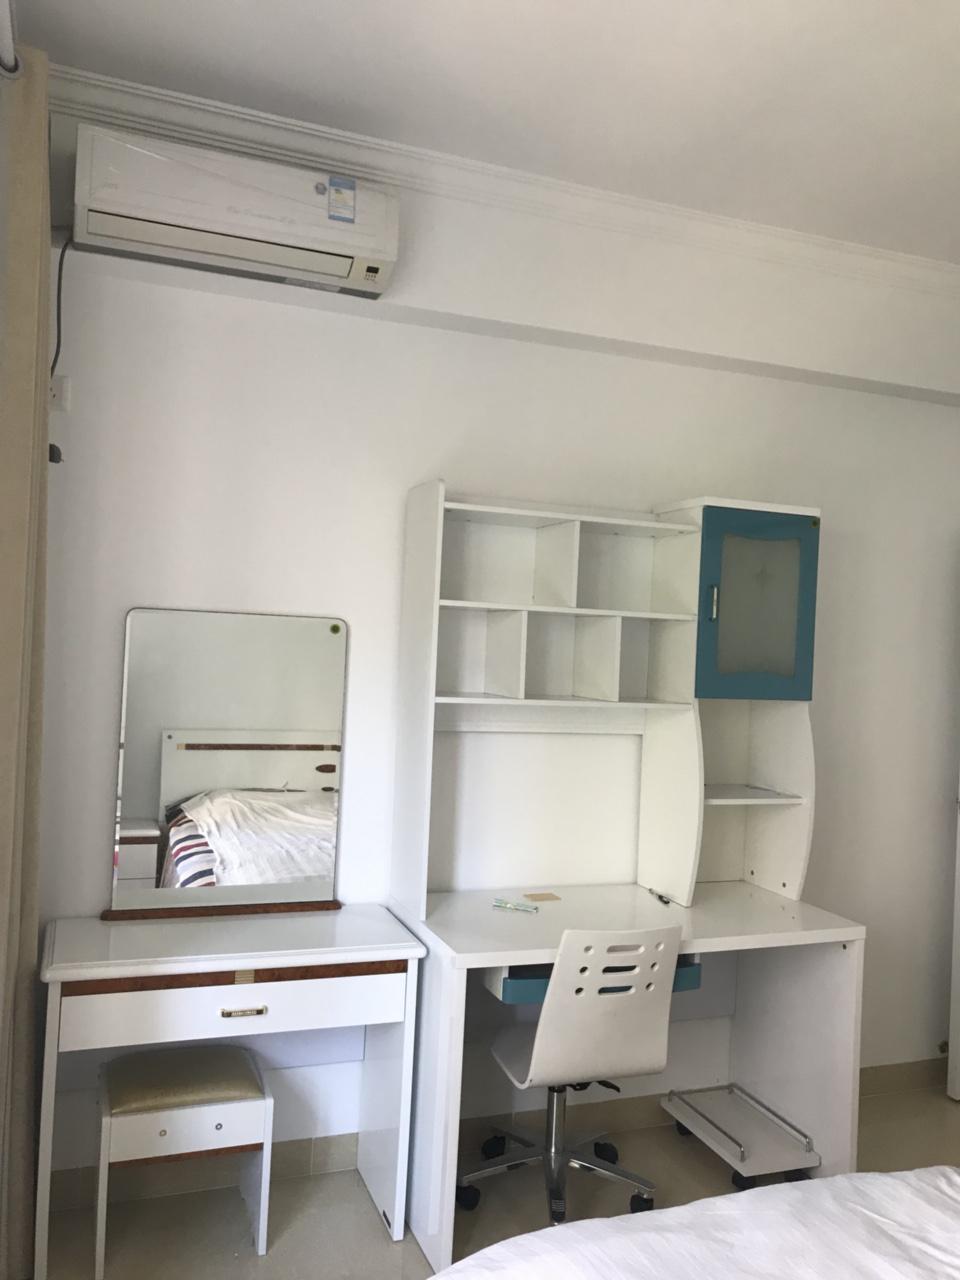 琼海市御河・观景台两房出租,全新家具、拎包入住!